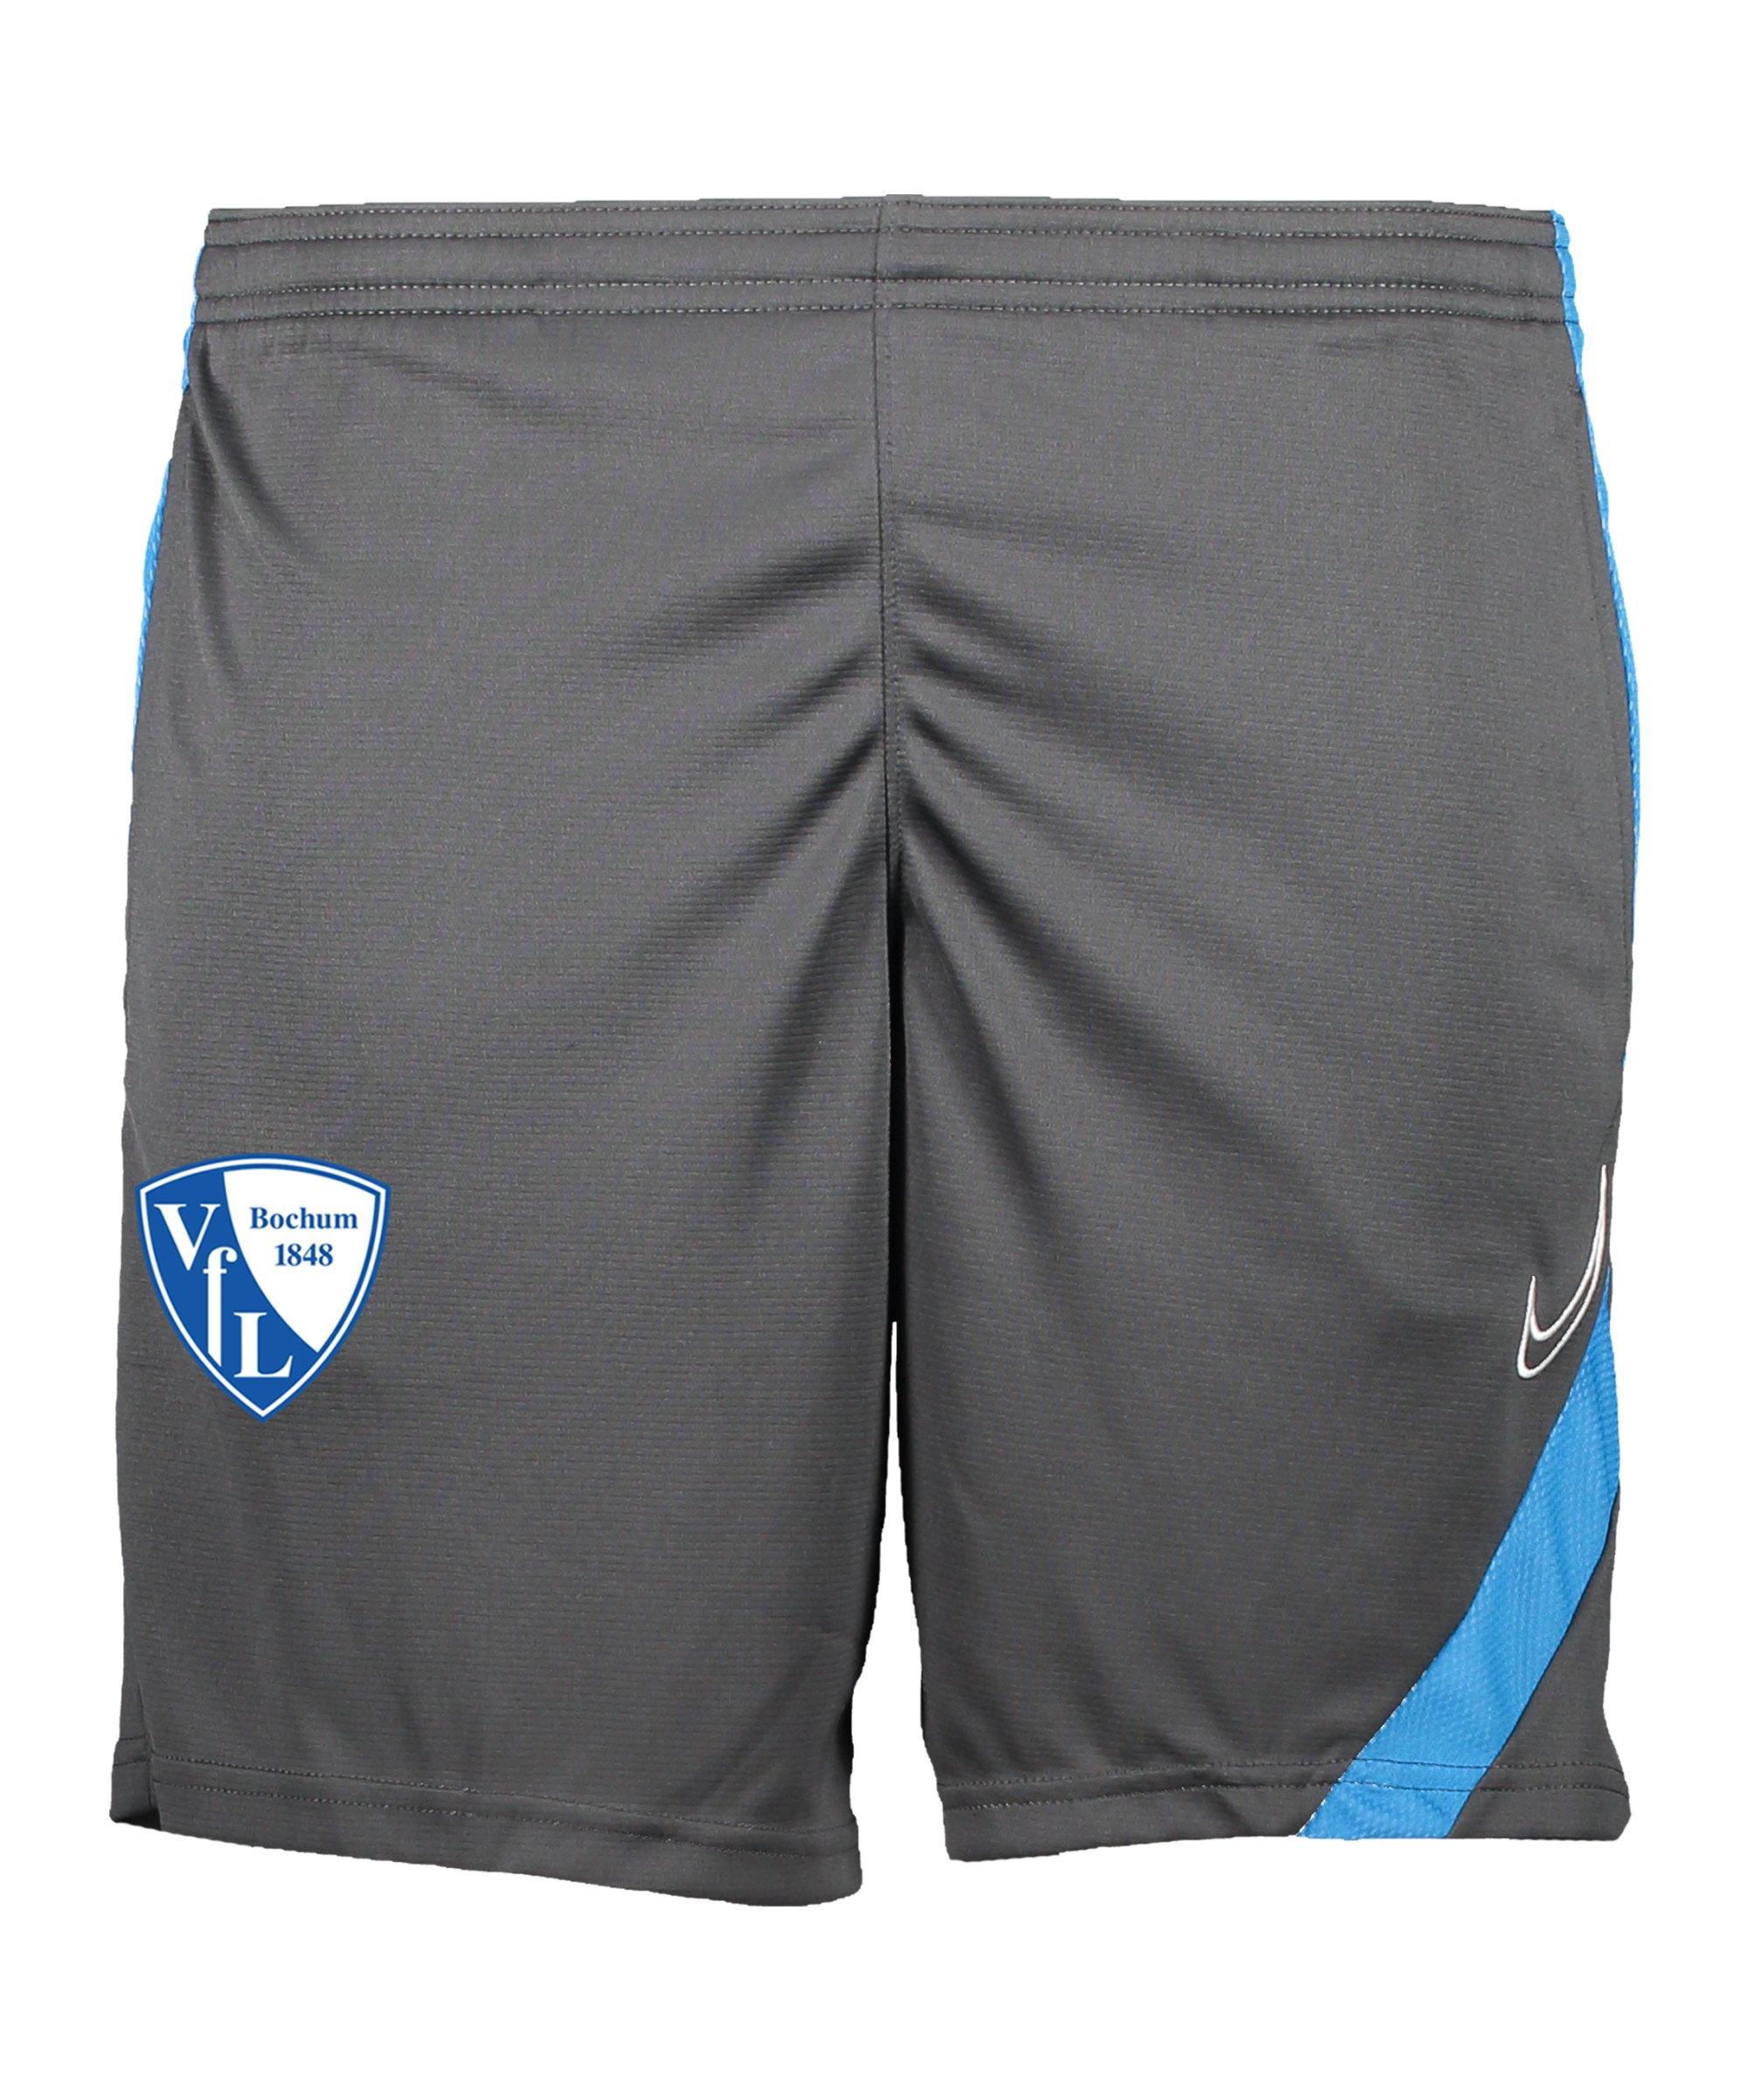 Nike VfL Bochum Trainingsshort Kids Grau F066 - grau